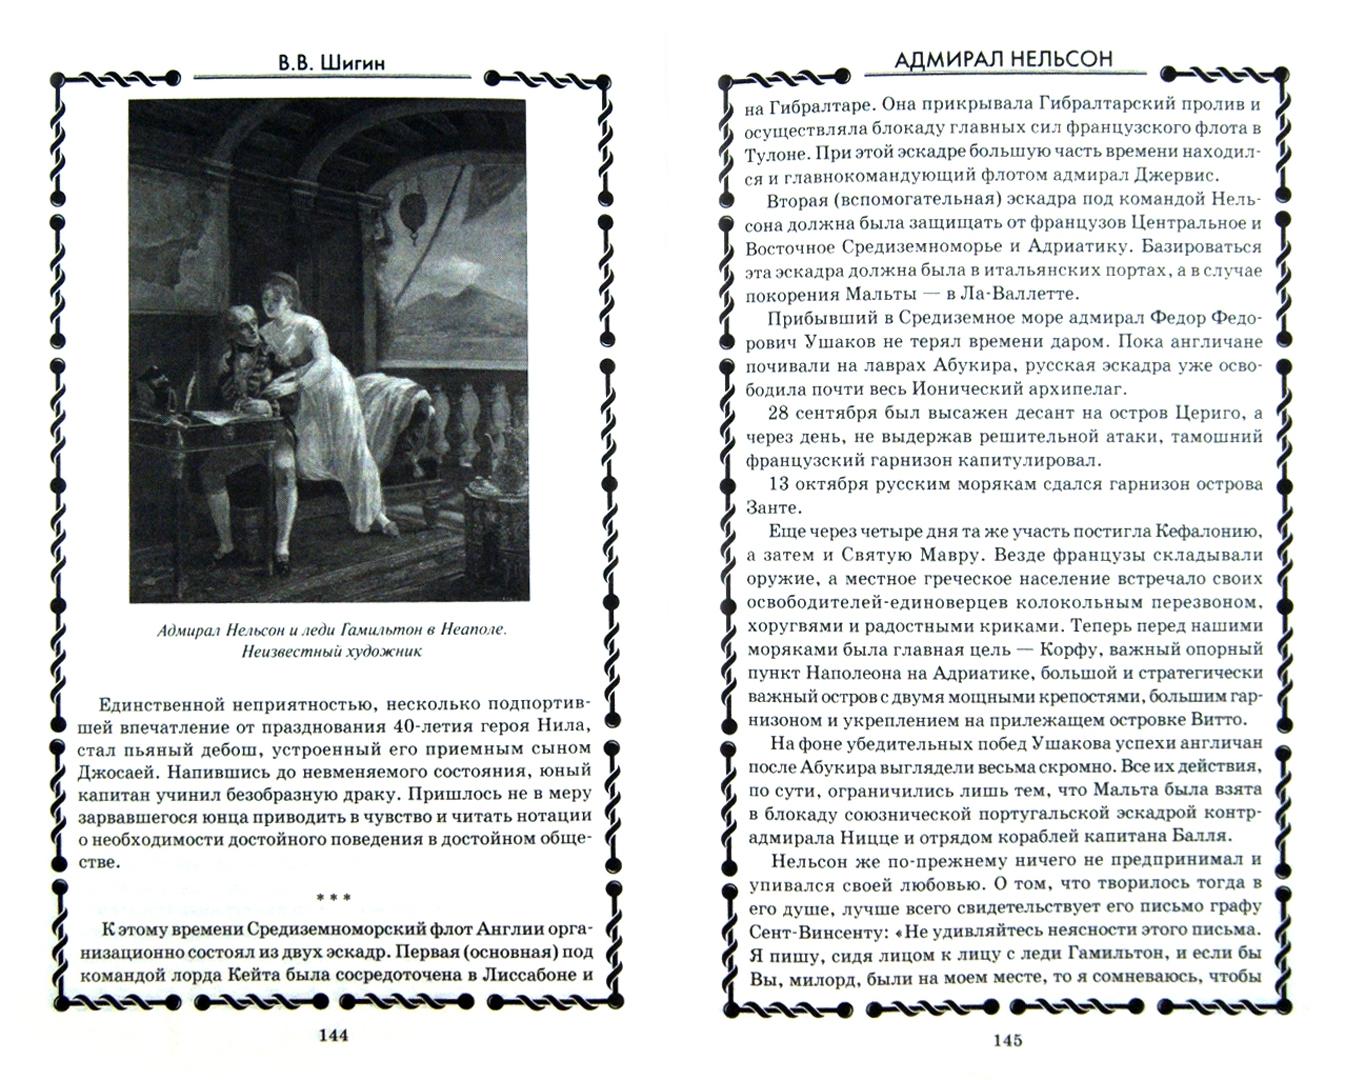 Иллюстрация 1 из 12 для Адмирал Нельсон. Герой и любовник - Владимир Шигин | Лабиринт - книги. Источник: Лабиринт